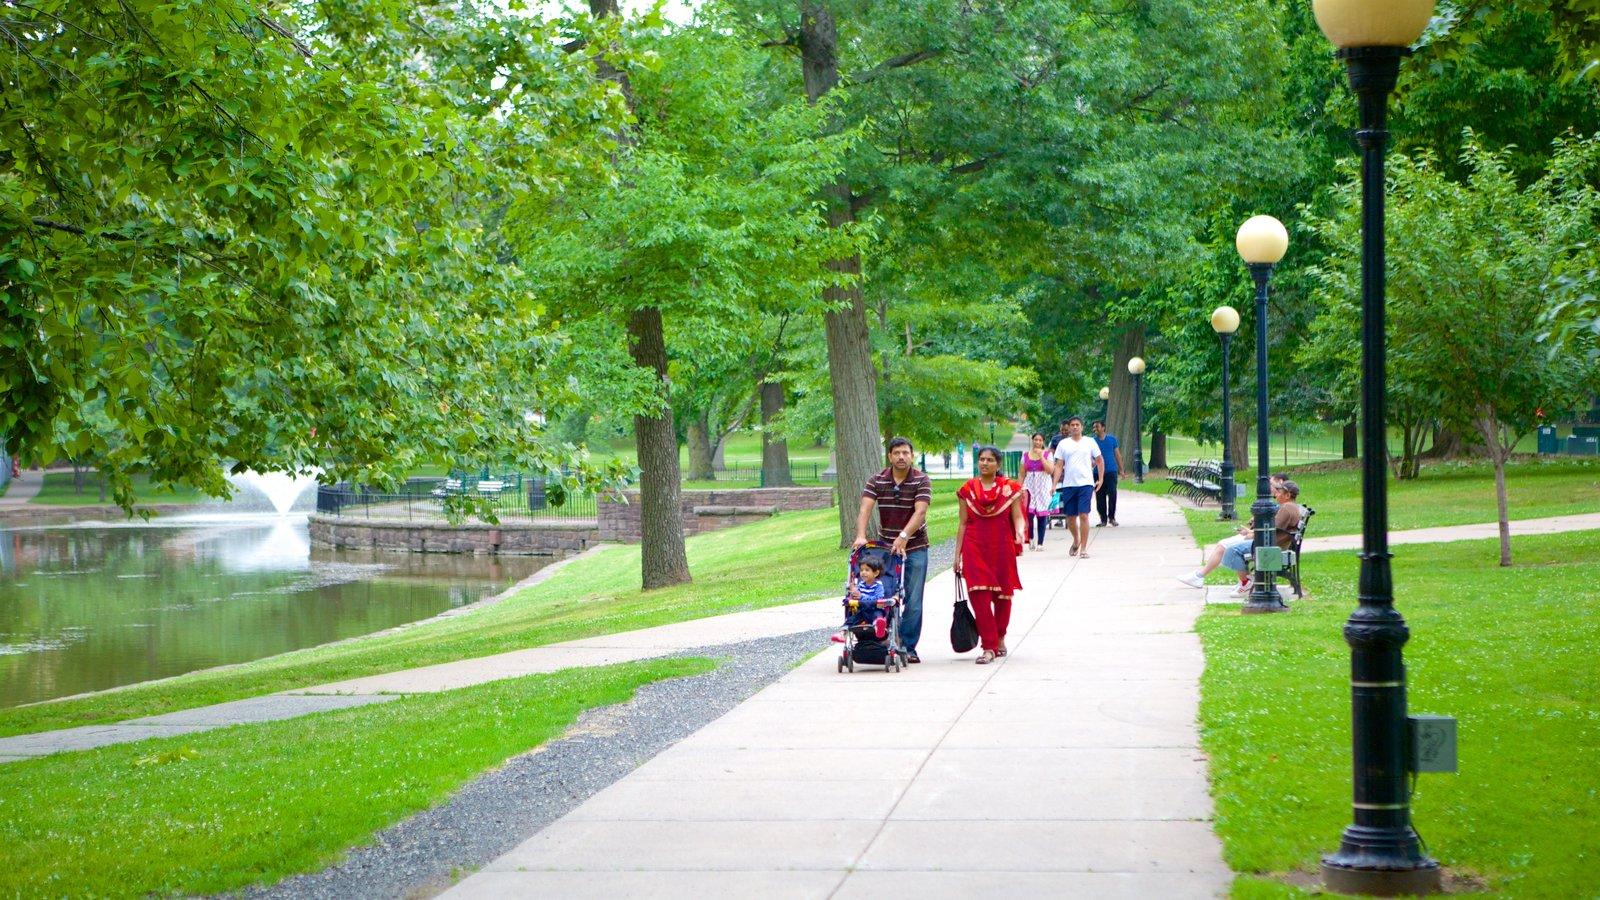 Bushnell Park mostrando senderismo o caminata y un parque y también una familia